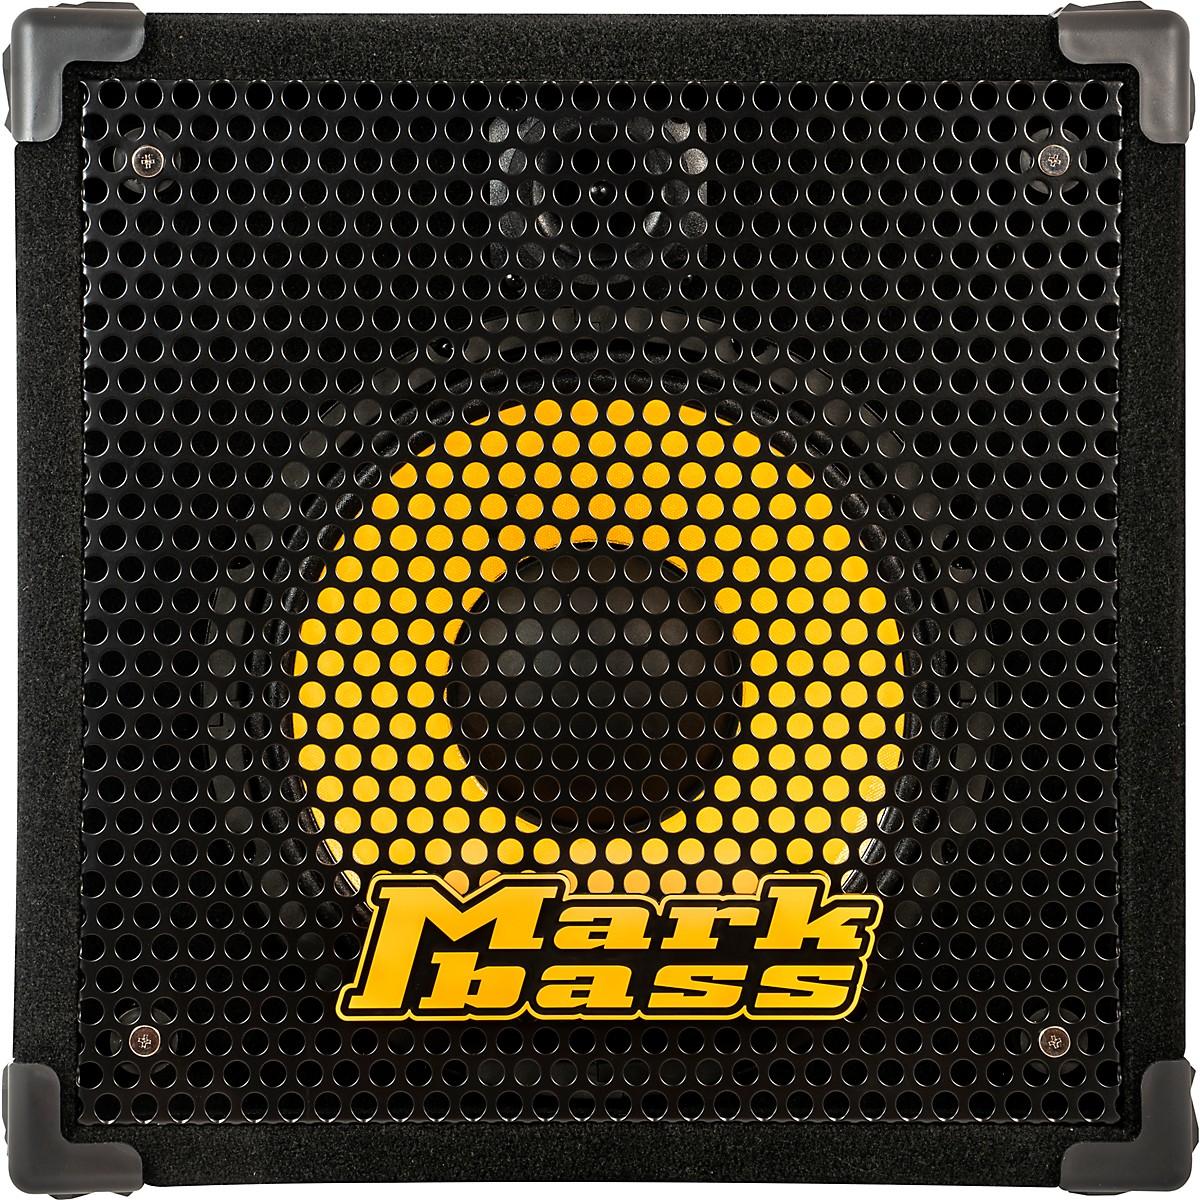 Markbass New York 121 D2 400W 1x12 Bass Speaker Cabinet